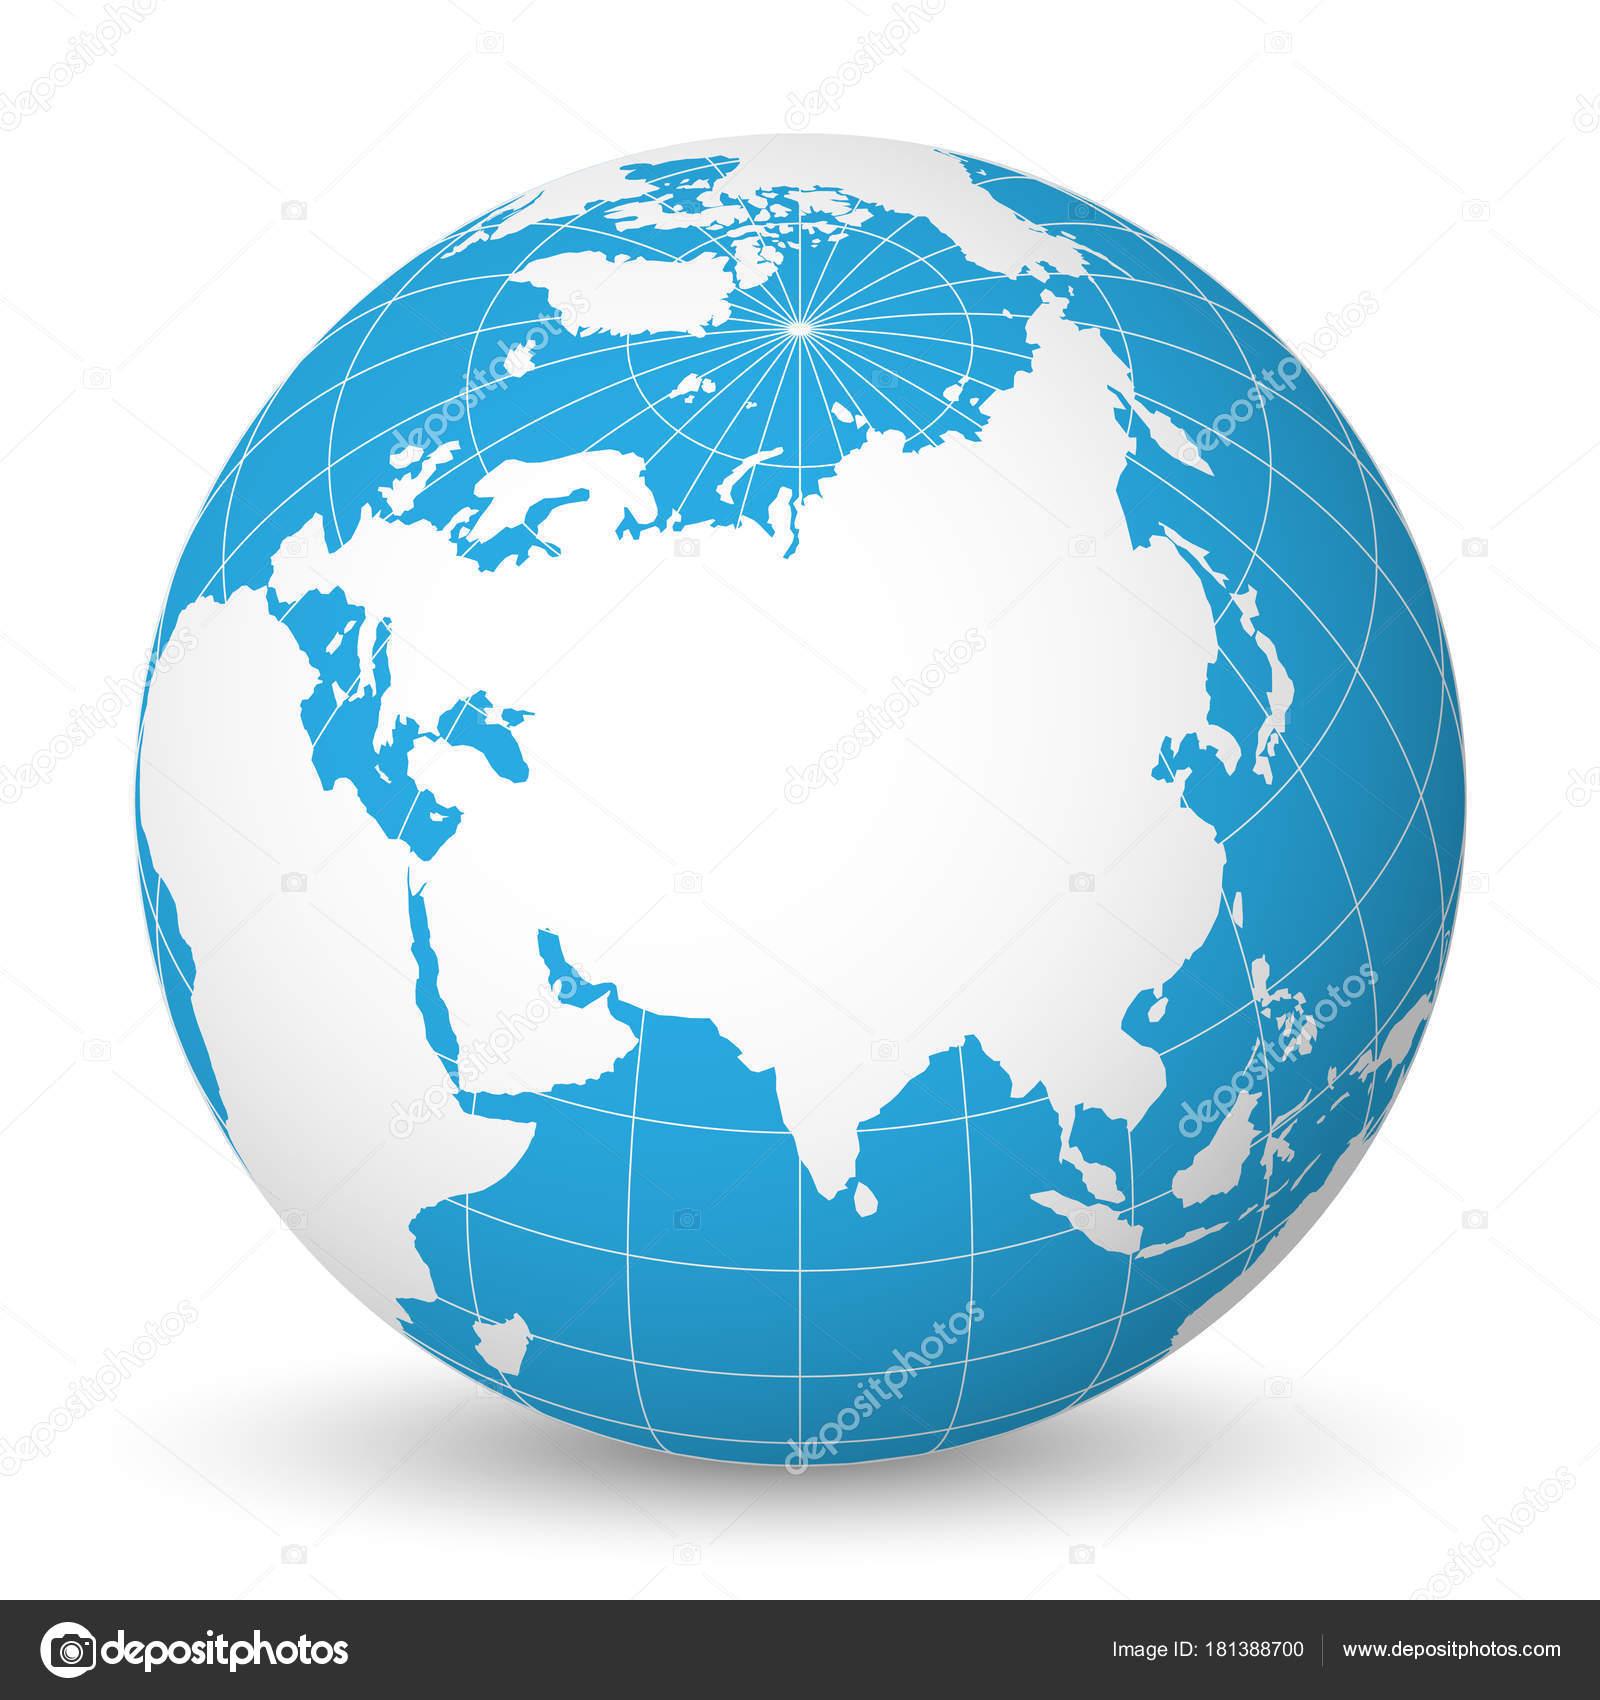 Cartina Del Mondo Con Meridiani E Paralleli.Globo Della Terra Con Mondo Bianco Blu E Mappa Mari E Oceani